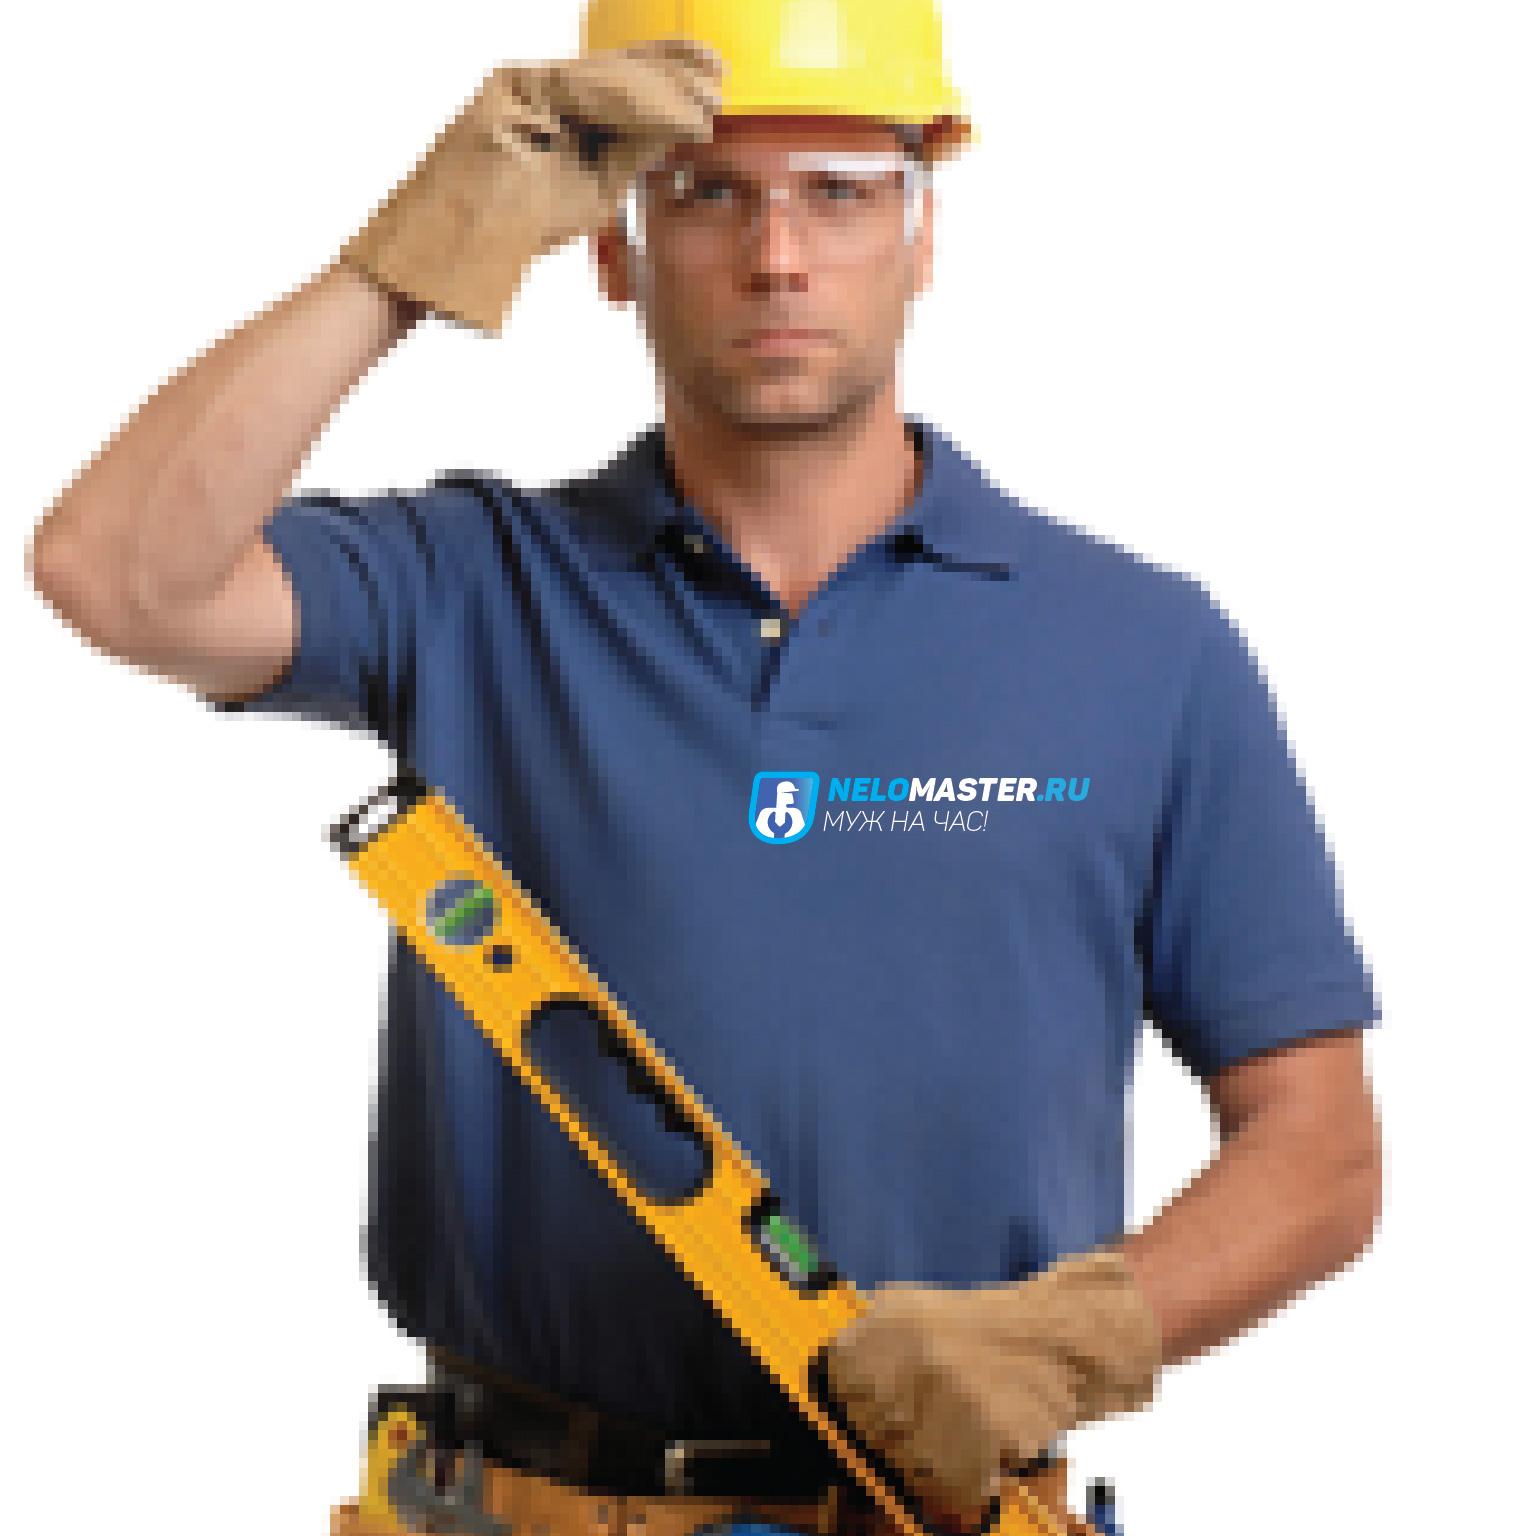 """Логотип сервиса """"Муж на час""""=""""Мужская помощь по дому"""" фото f_1155dc65dd6daddc.jpg"""